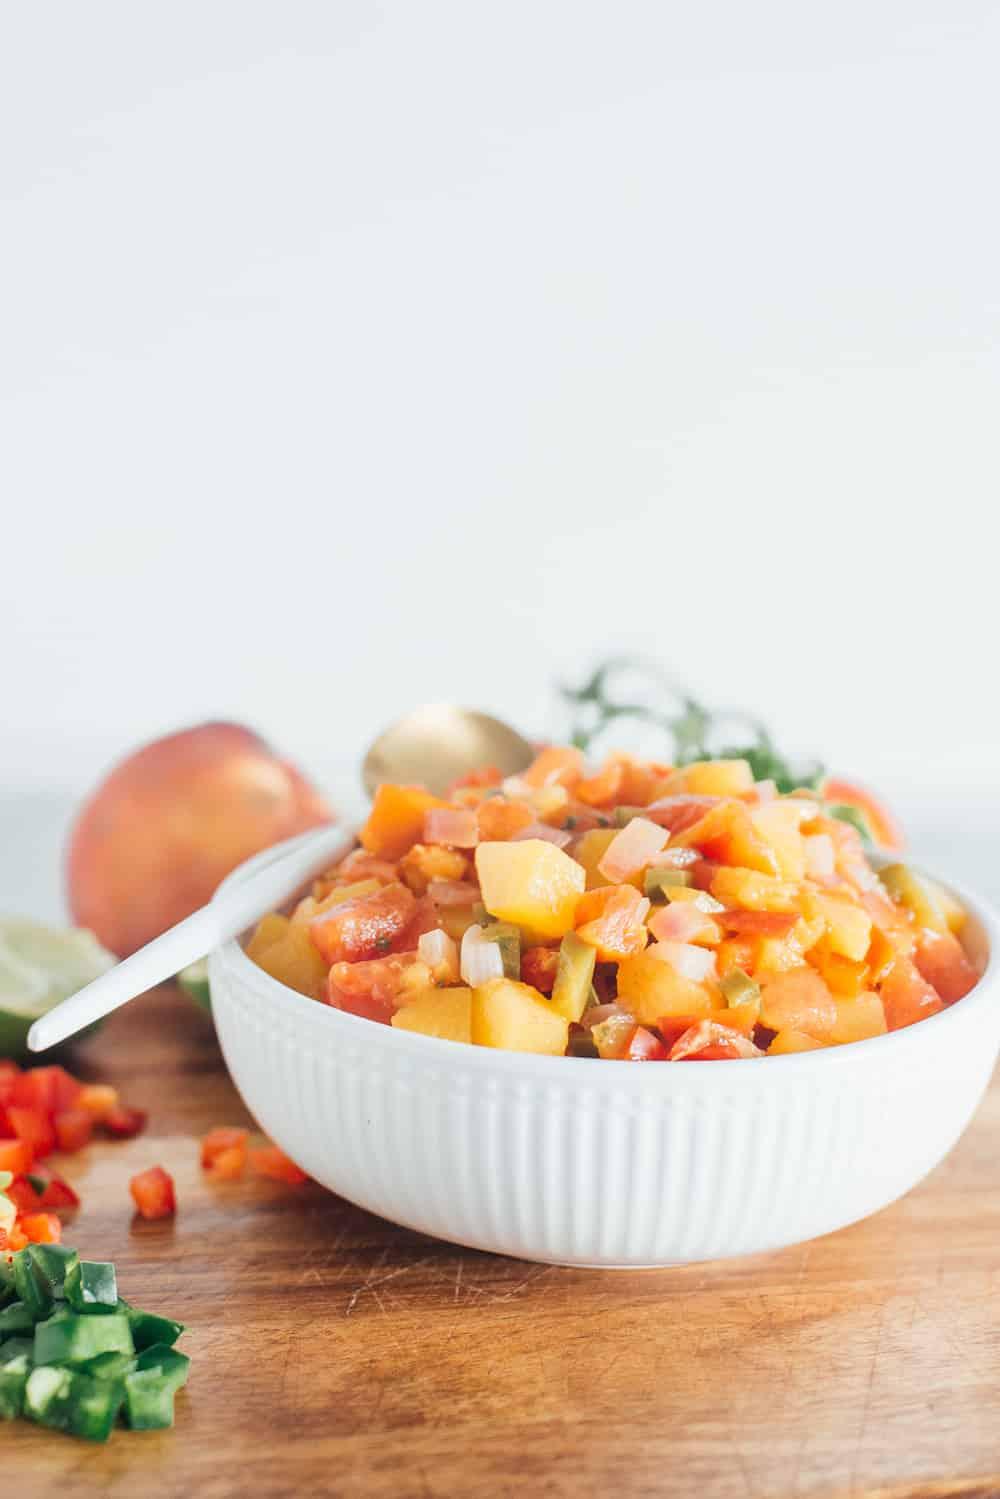 Peach salsa in a white bowl.